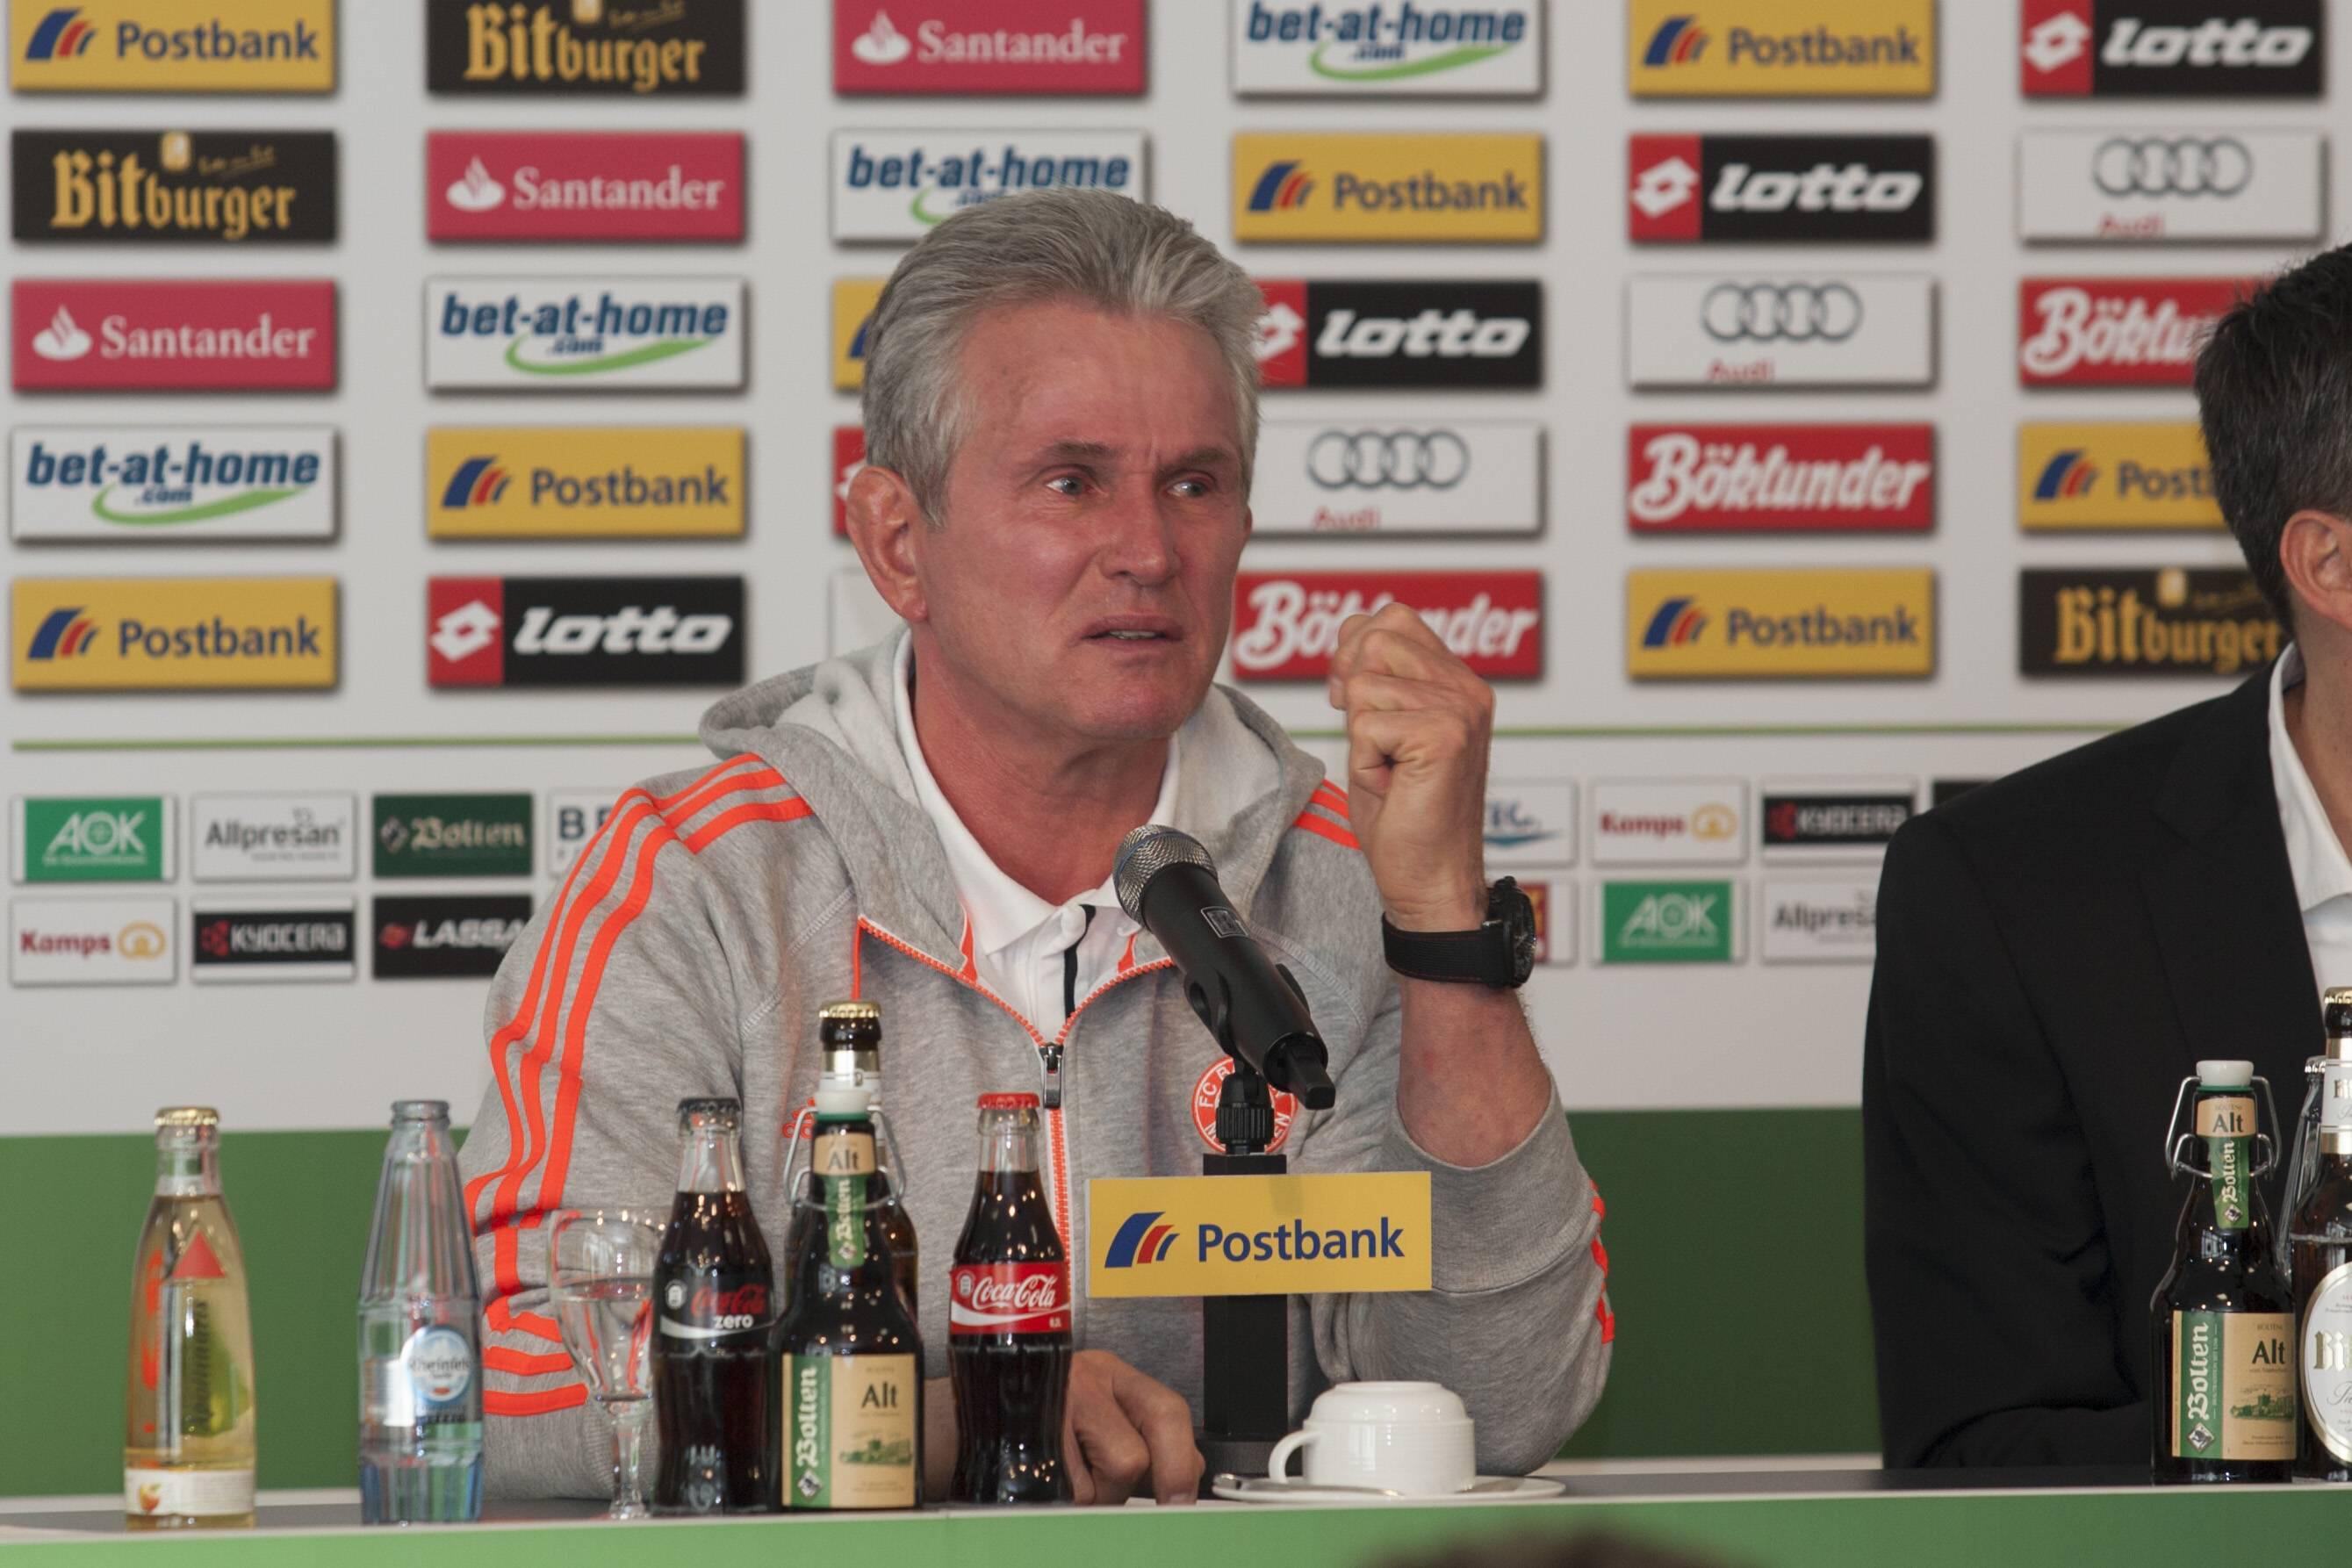 Bild zu Jupp Heynckes, Bundesliga, FC Bayern München, Borussia Mönchengladbach, Bundesliga, 2012/13